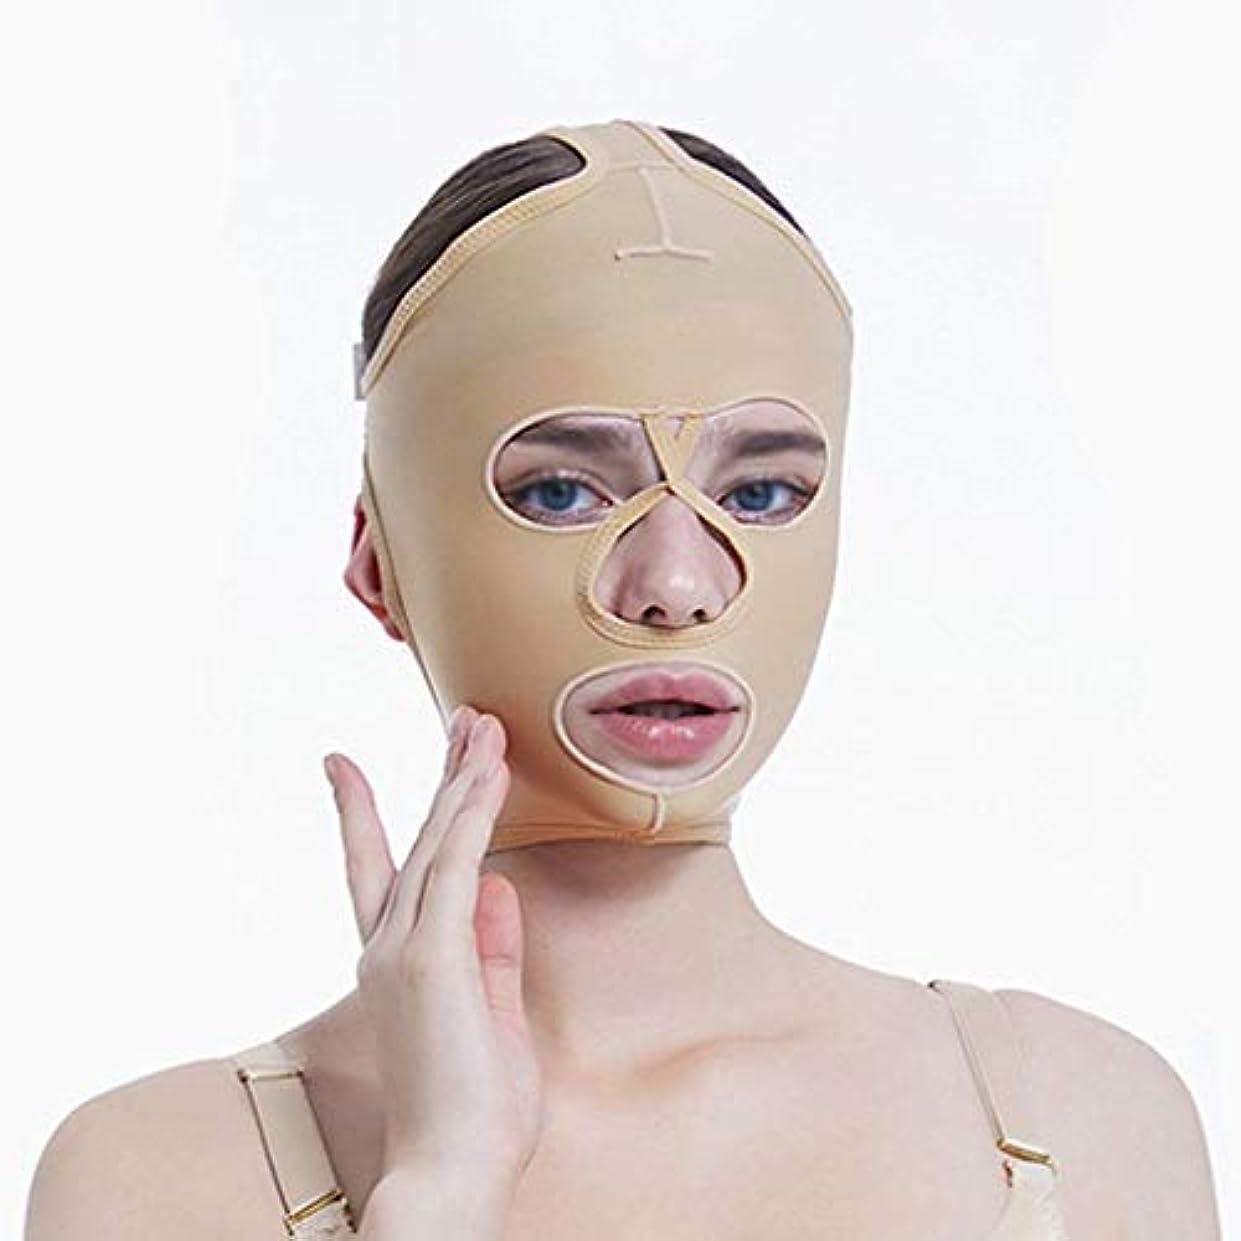 紀元前の間で好きチンリフティングベルト、超薄型ベルト、引き締めマスク、包帯吊り、フェイスリフティングマスク、超薄型ベルト、通気性(サイズ:L),S